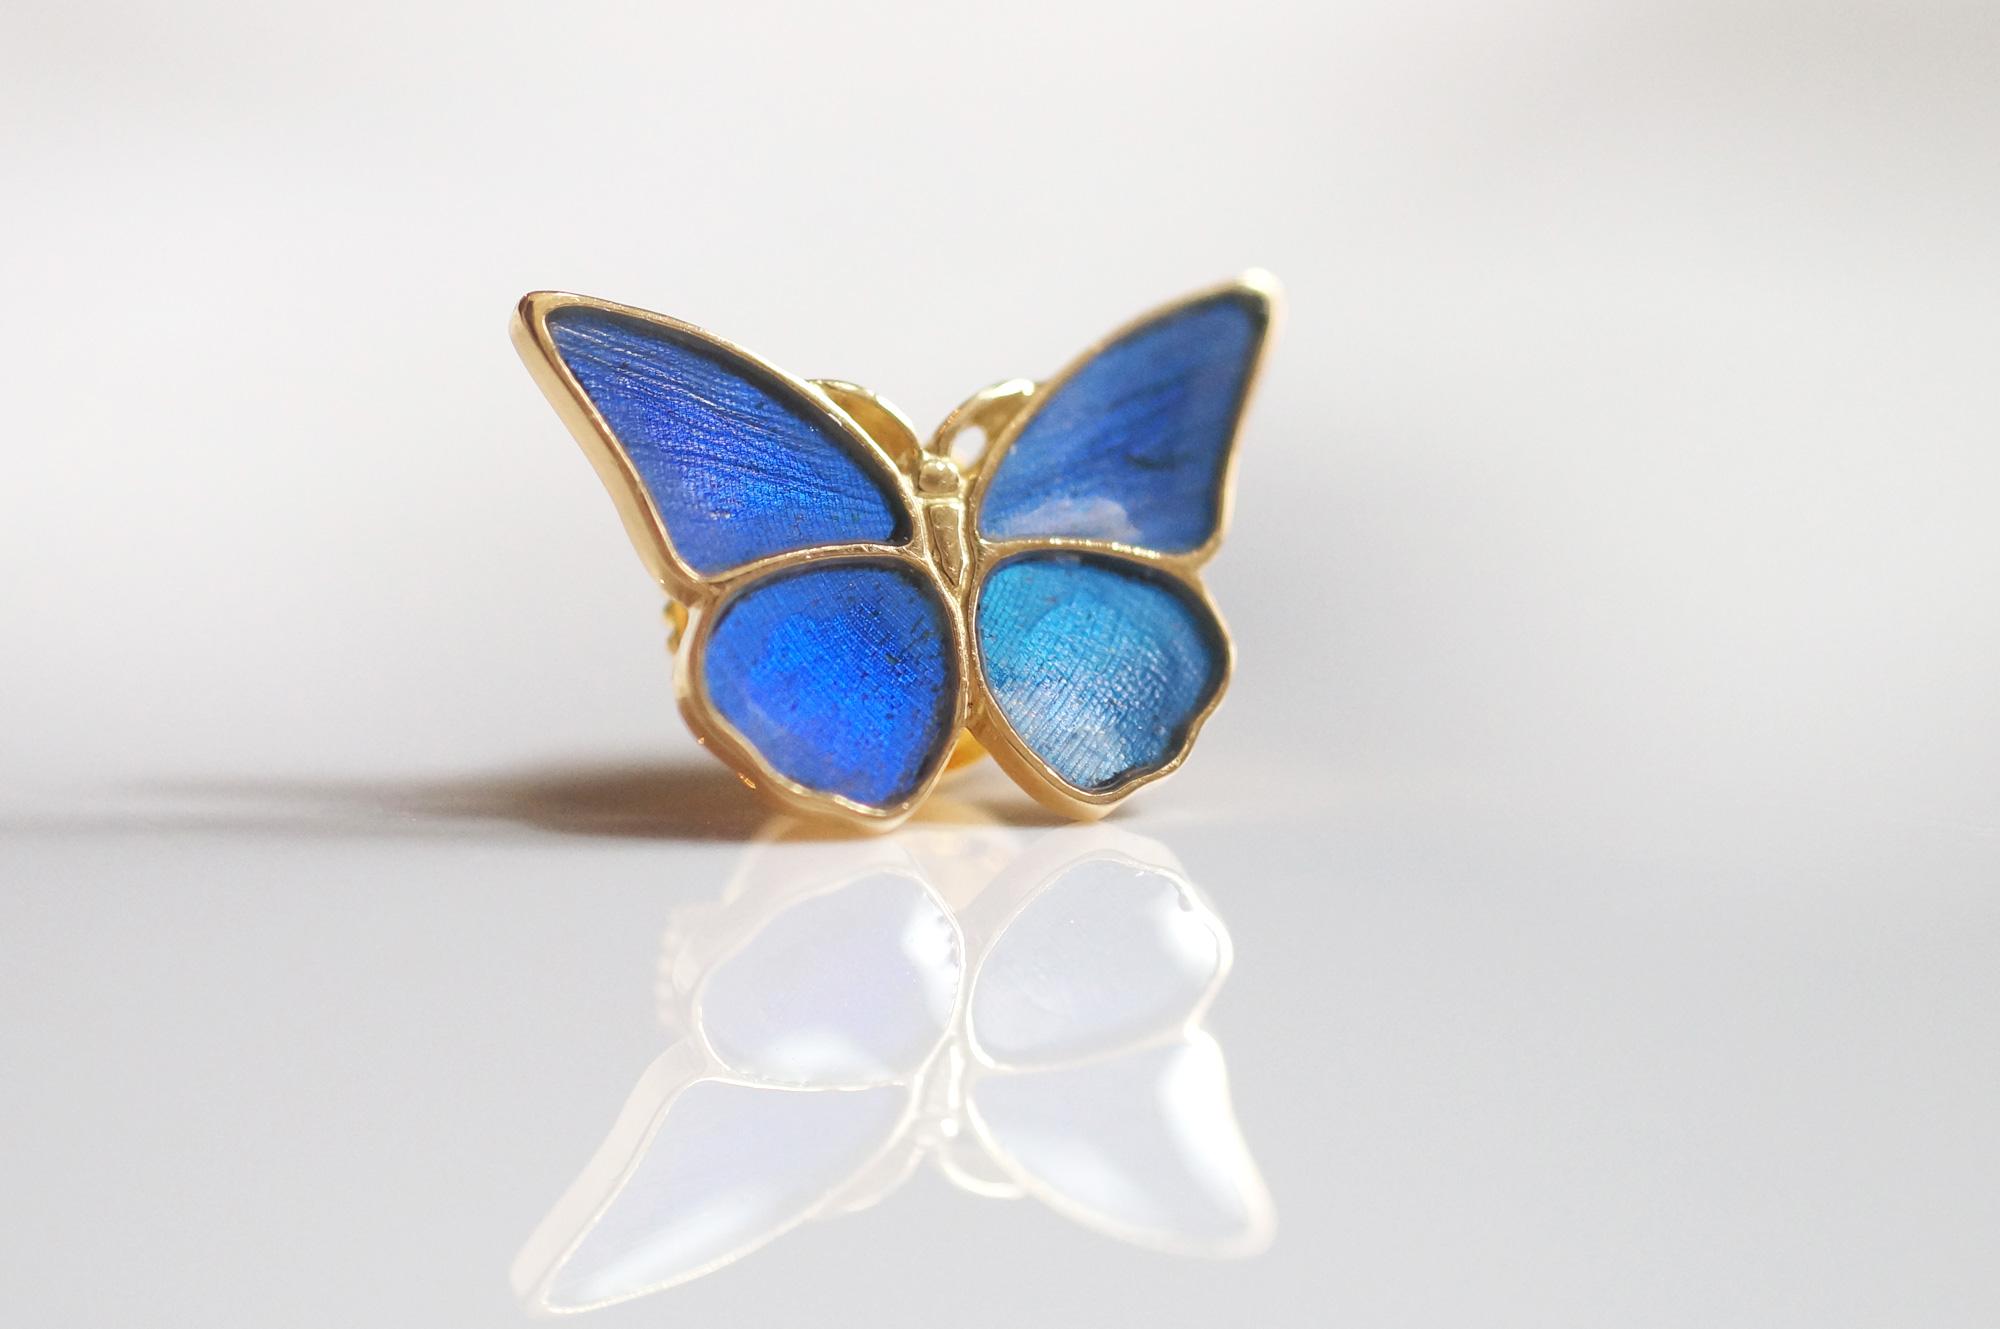 モルフォ蝶ブローチのオーダー